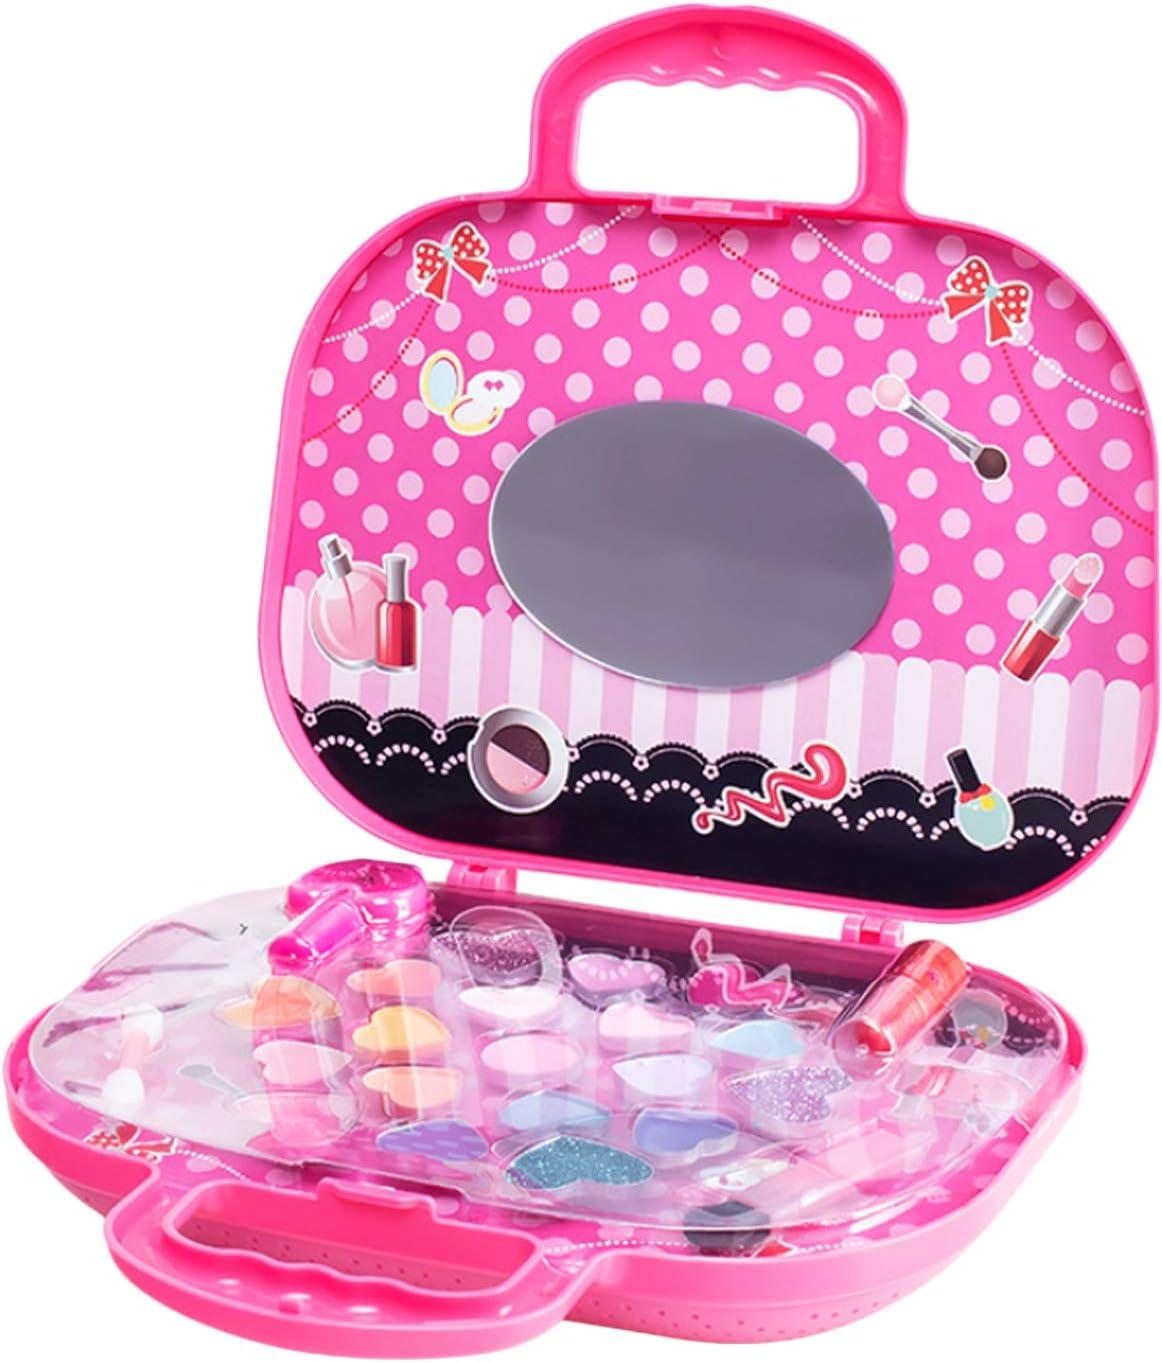 Kit de juguetes de maquillaje para niños lavables no tóxicos princesa cosmético set con un caso de transporte Fingir juego juego set para niñas edades 6 7 9 años niños de edad